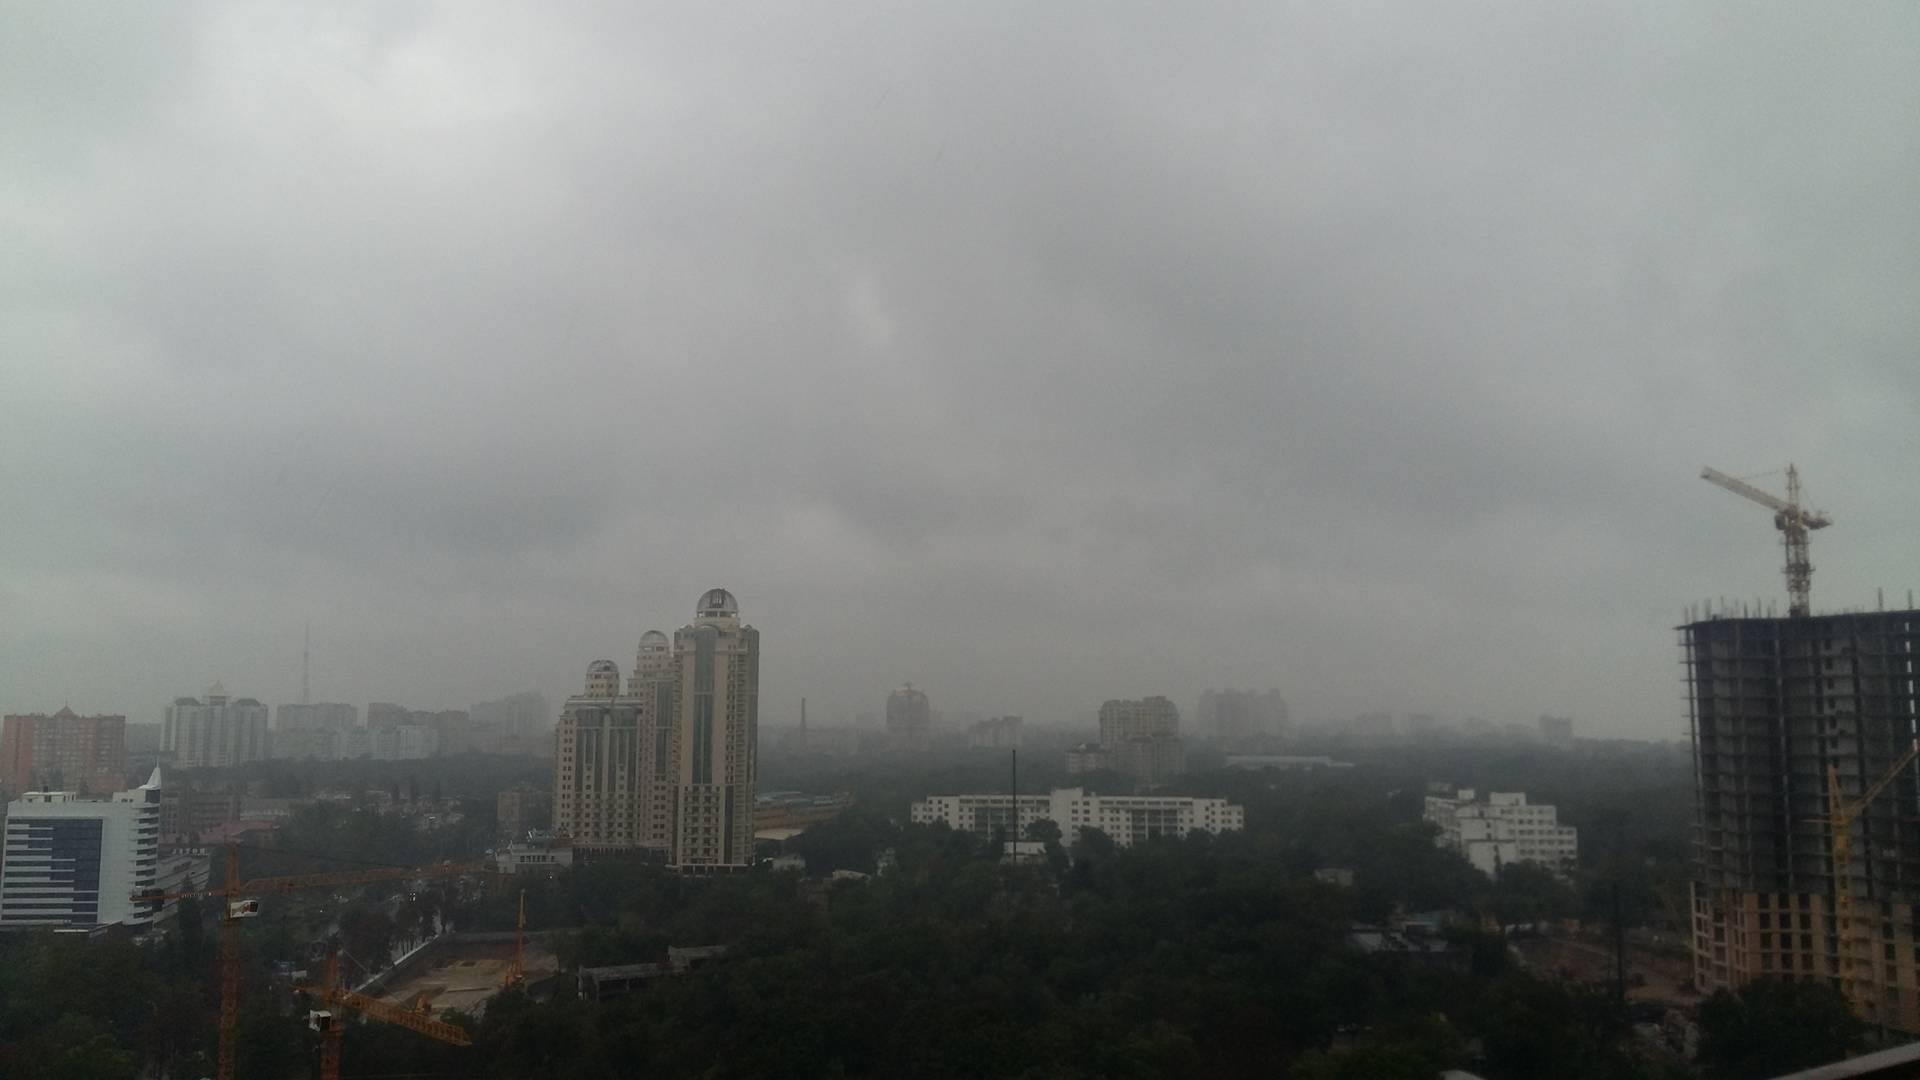 Одеська Аркадія посеред дощового апокаліпсису: злива не вщухає (ФОТО, ВІДЕО) - фото 2